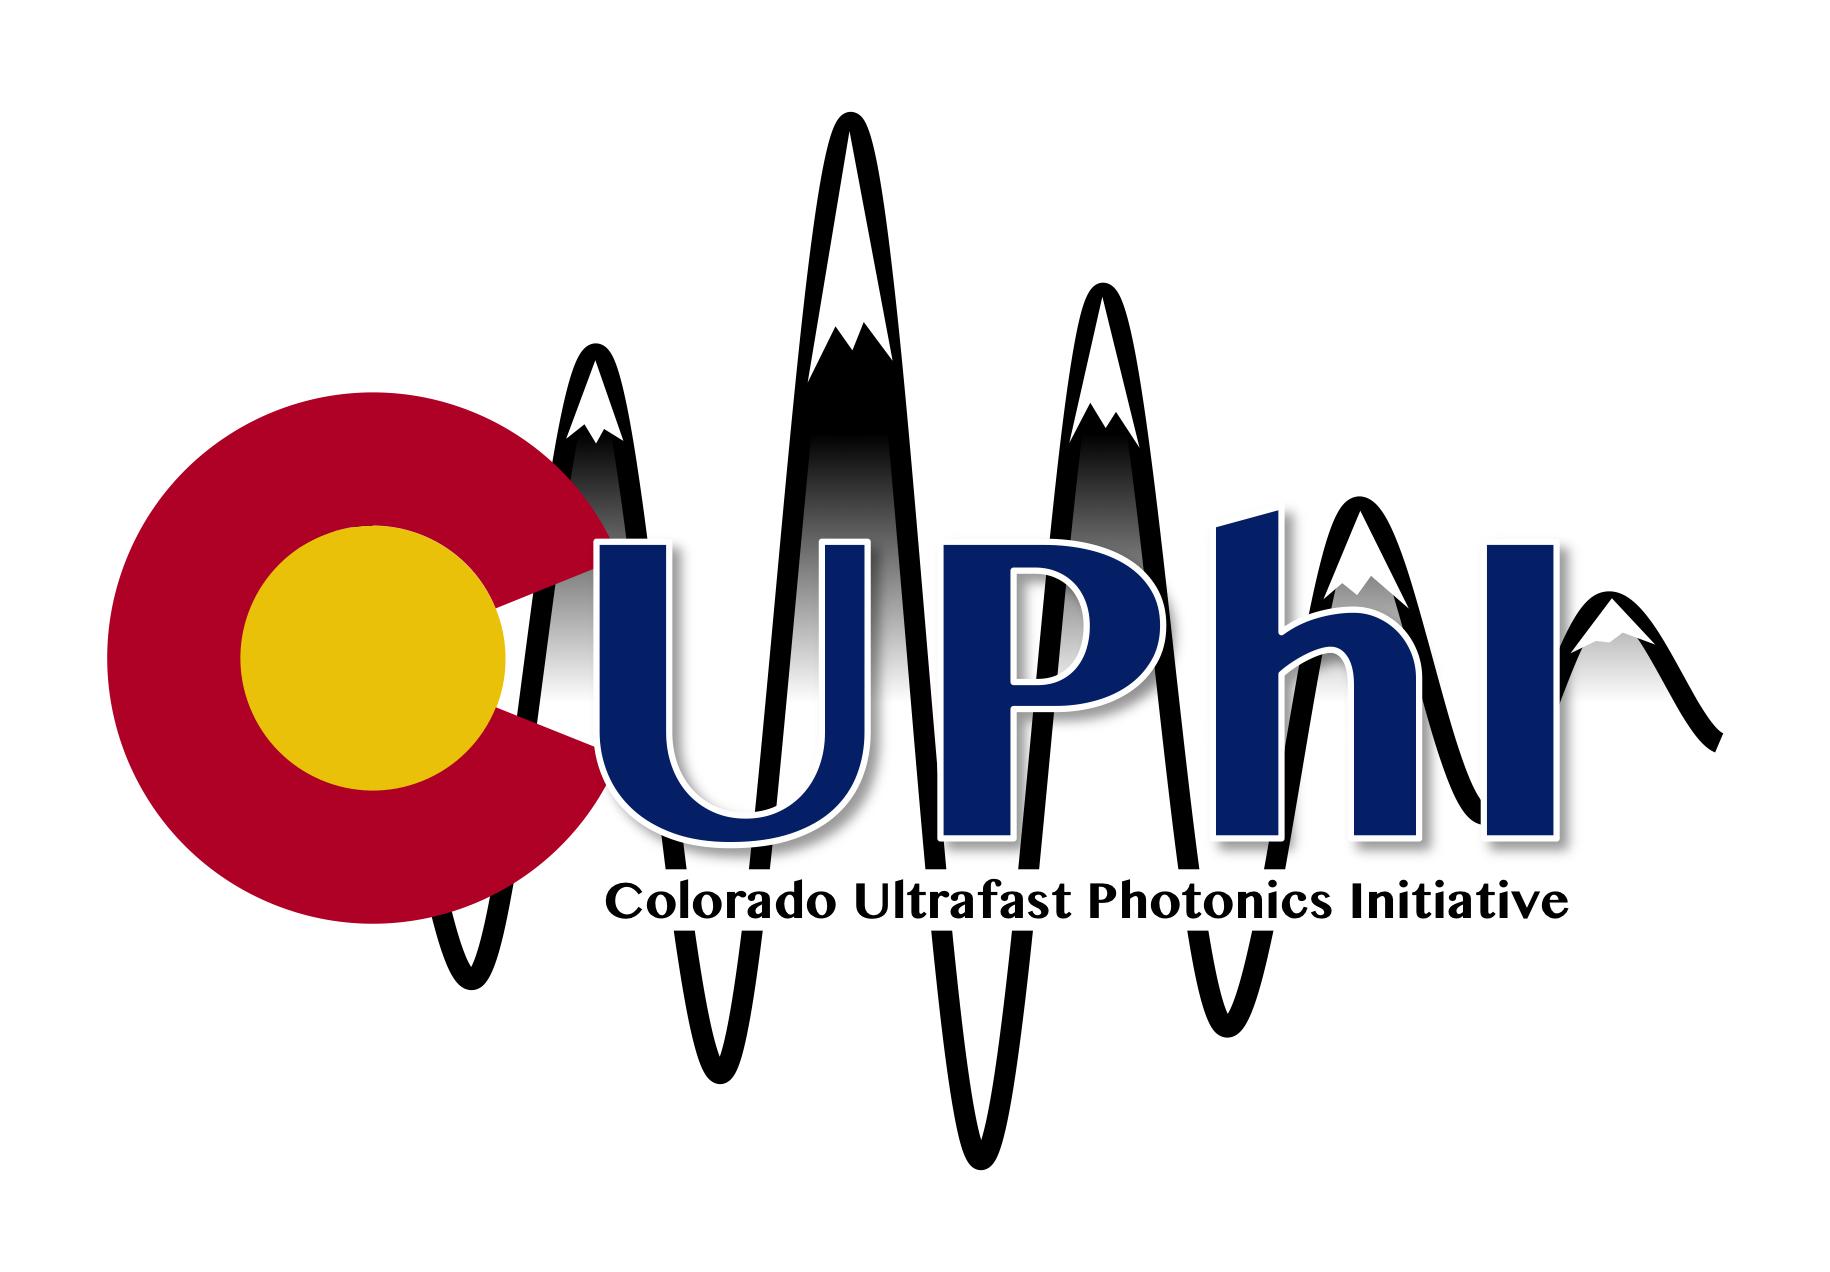 cuphi logo